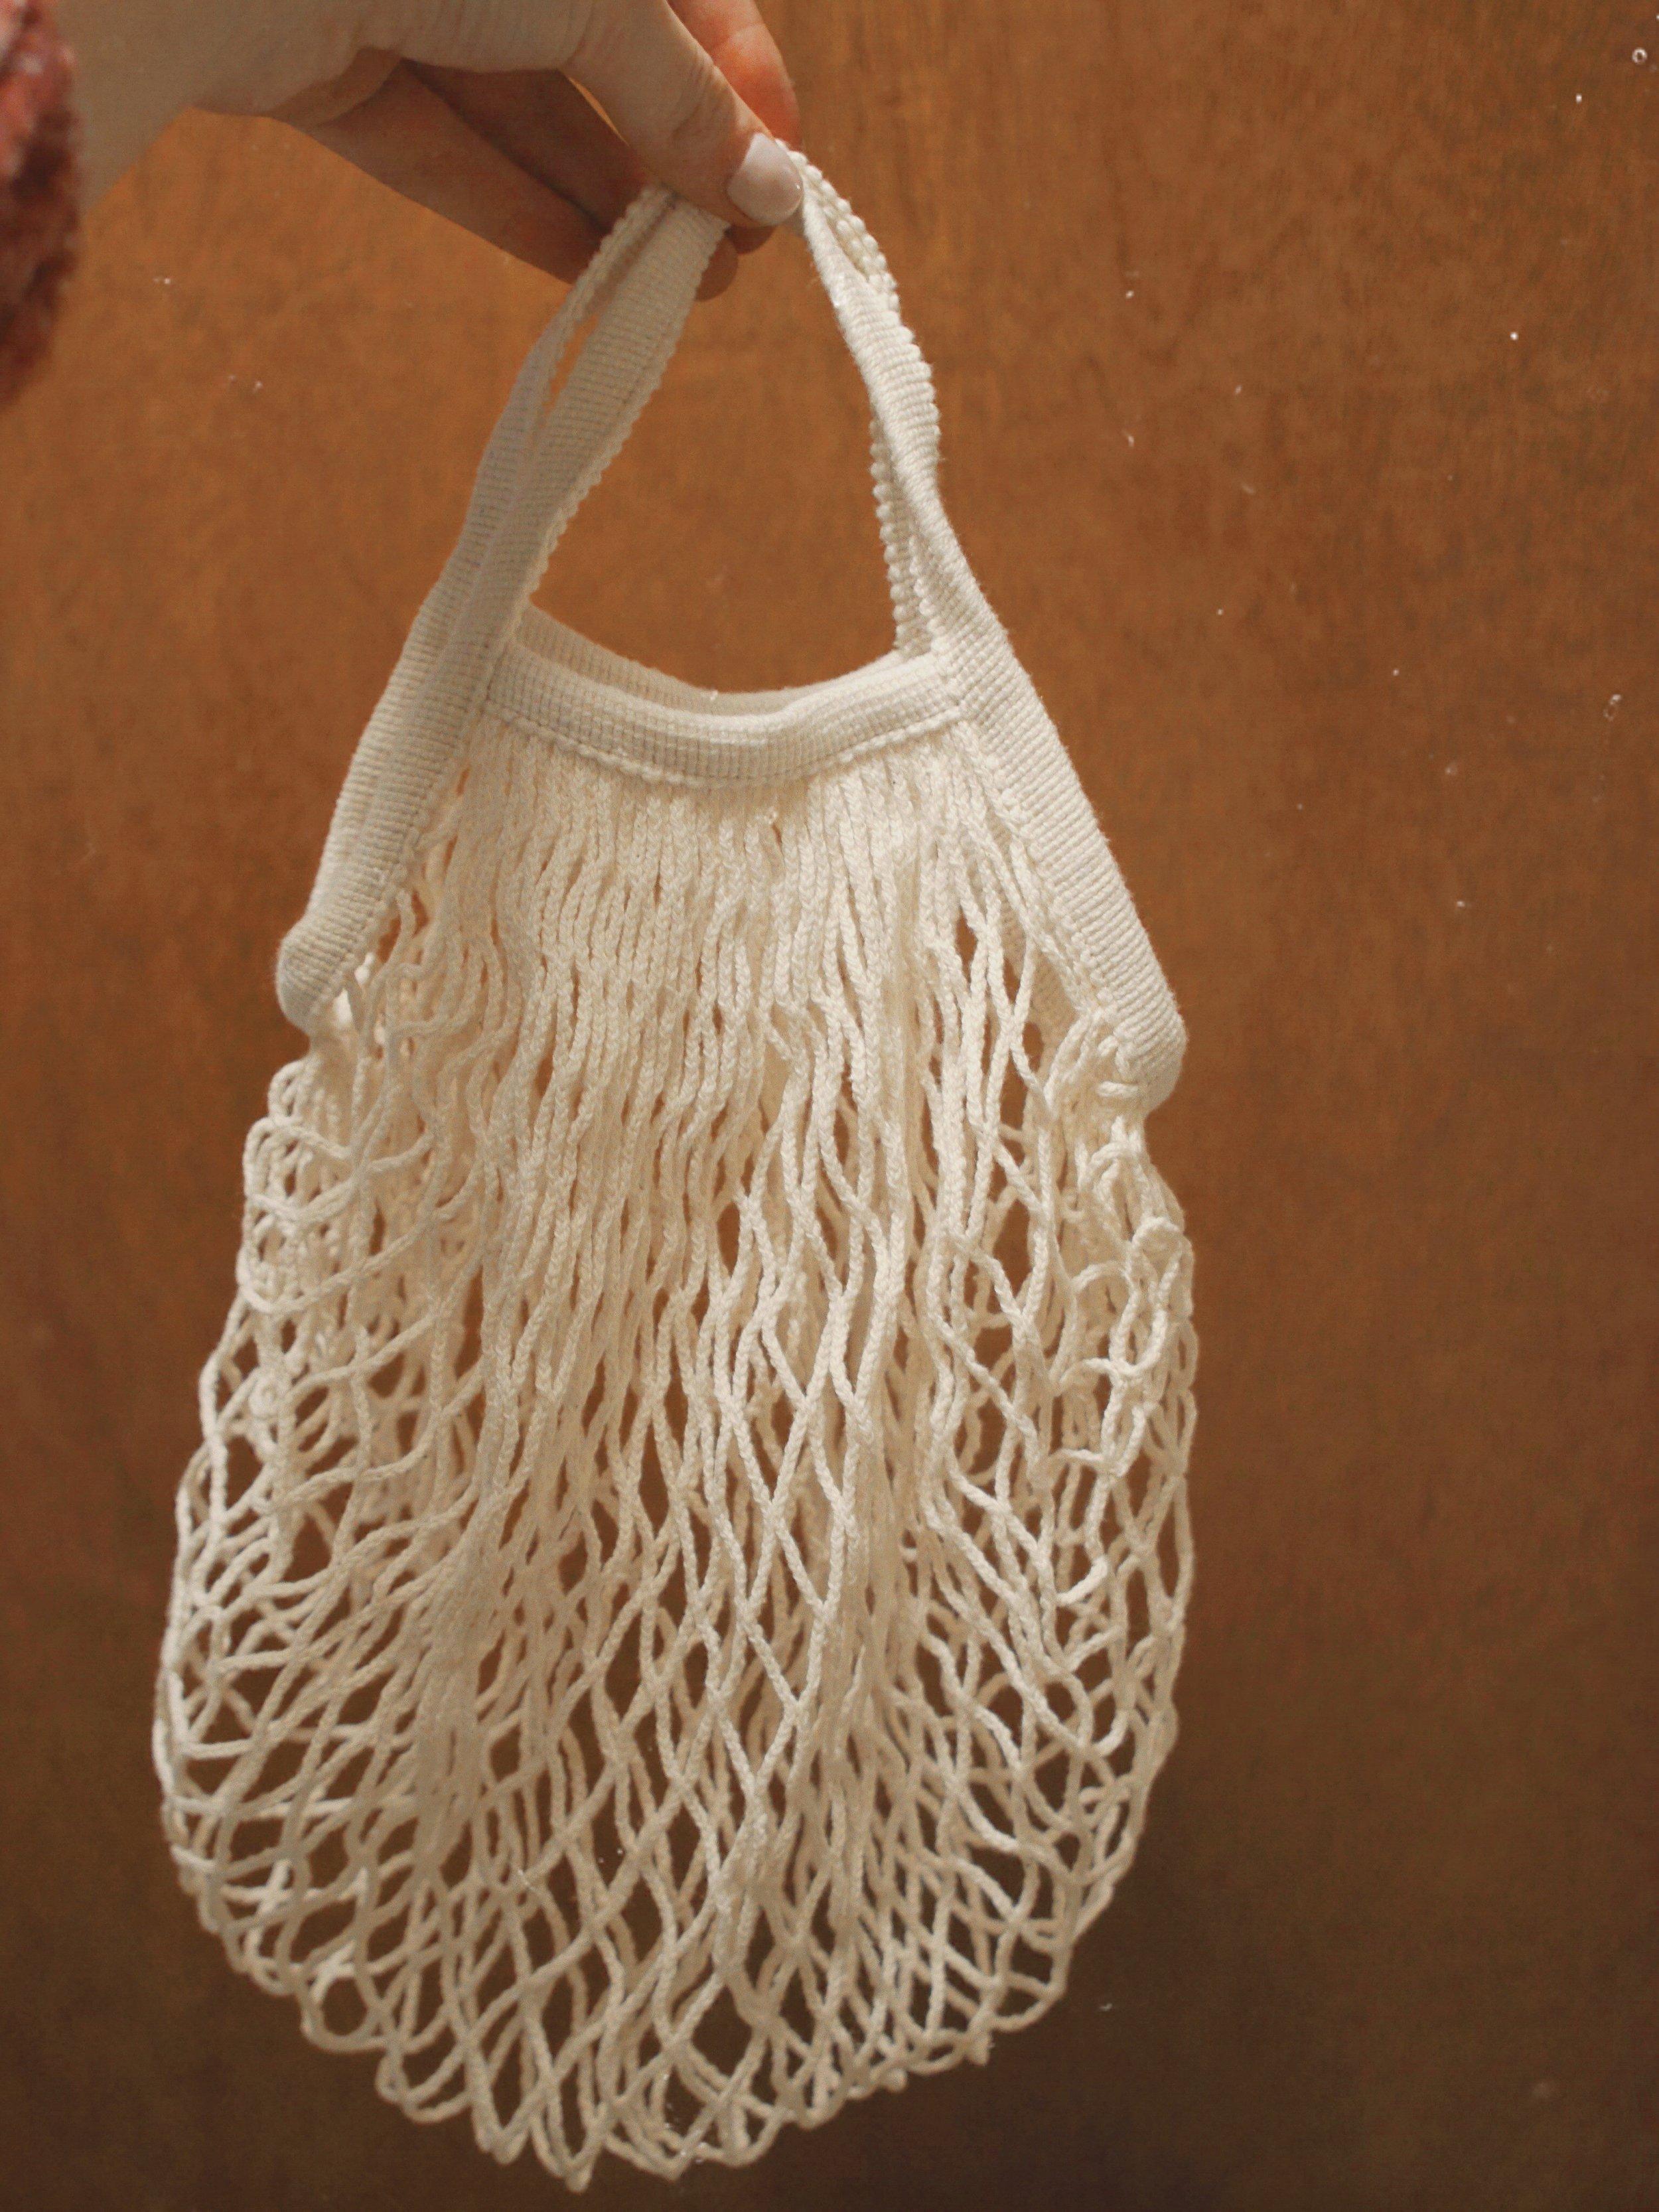 Net Bag from IKEA